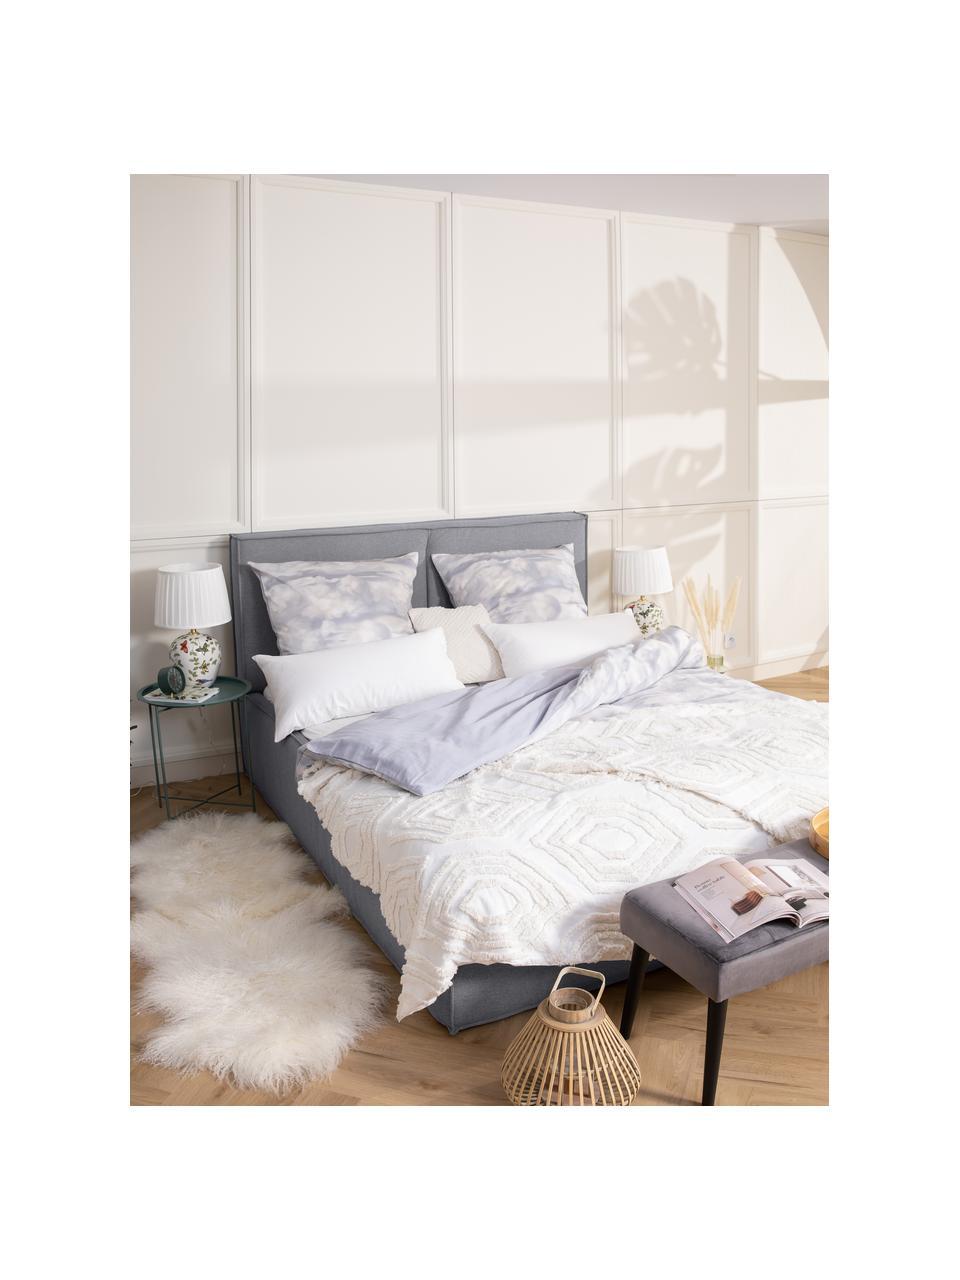 Gestoffeerd bed Dream in donkergrijs, Frame: massief grenenhout en pla, Bekleding: polyester (gestructureerd, Geweven stof donkergrijs, 180 x 200 cm